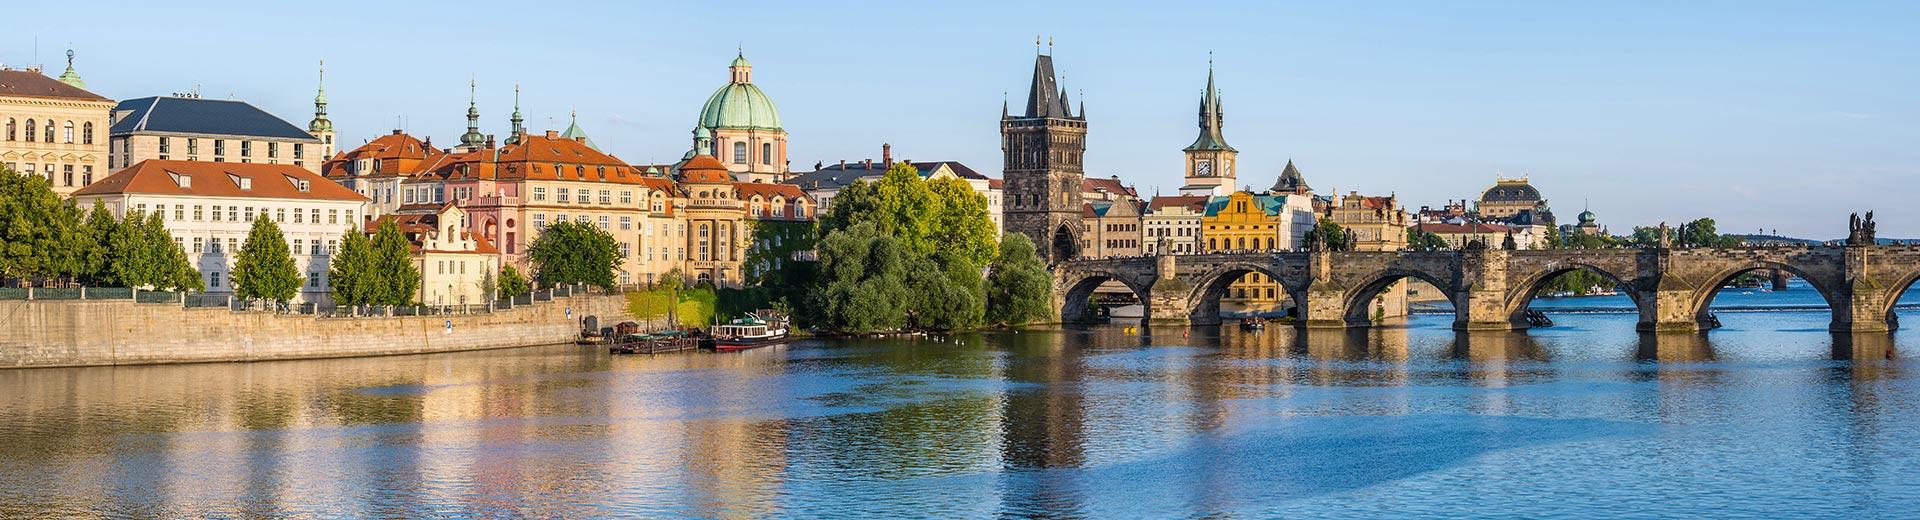 Gruppenreise Prag - Package Gruppen Select Bahn